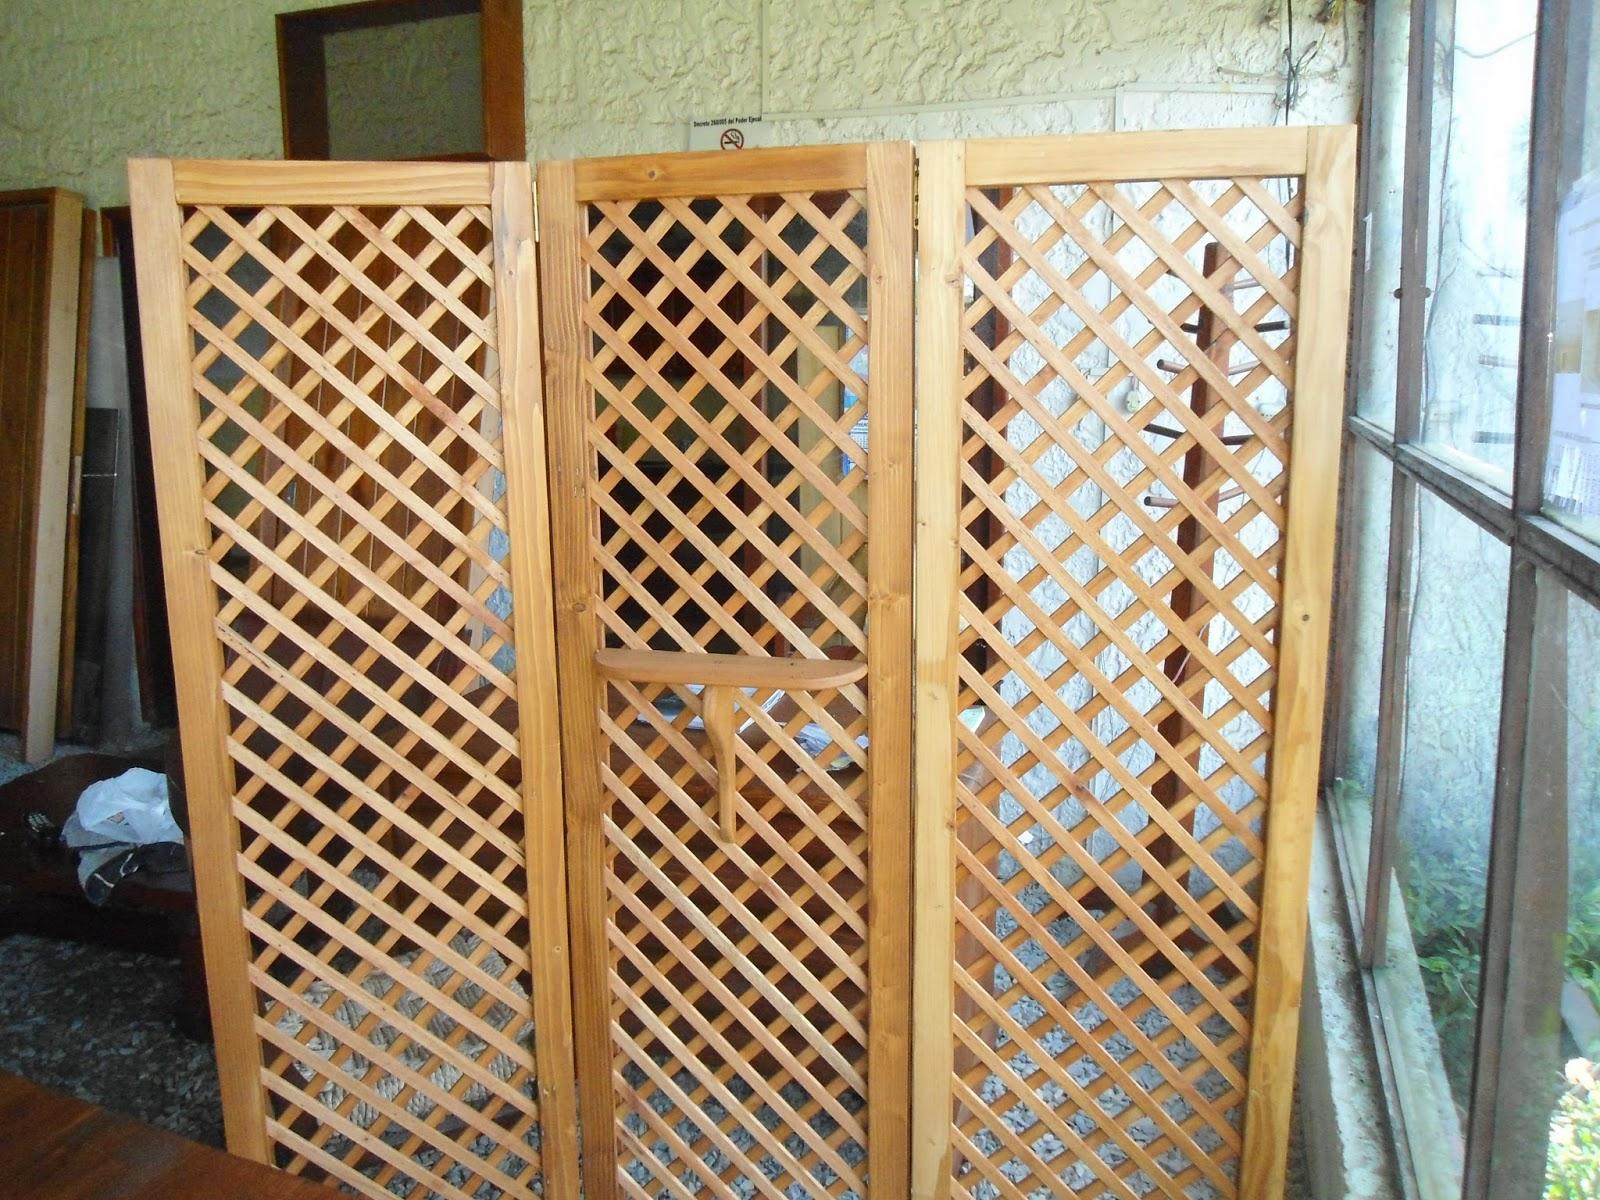 La madera y sus creaciones biombos o trilage exelente - Biombos de madera ...